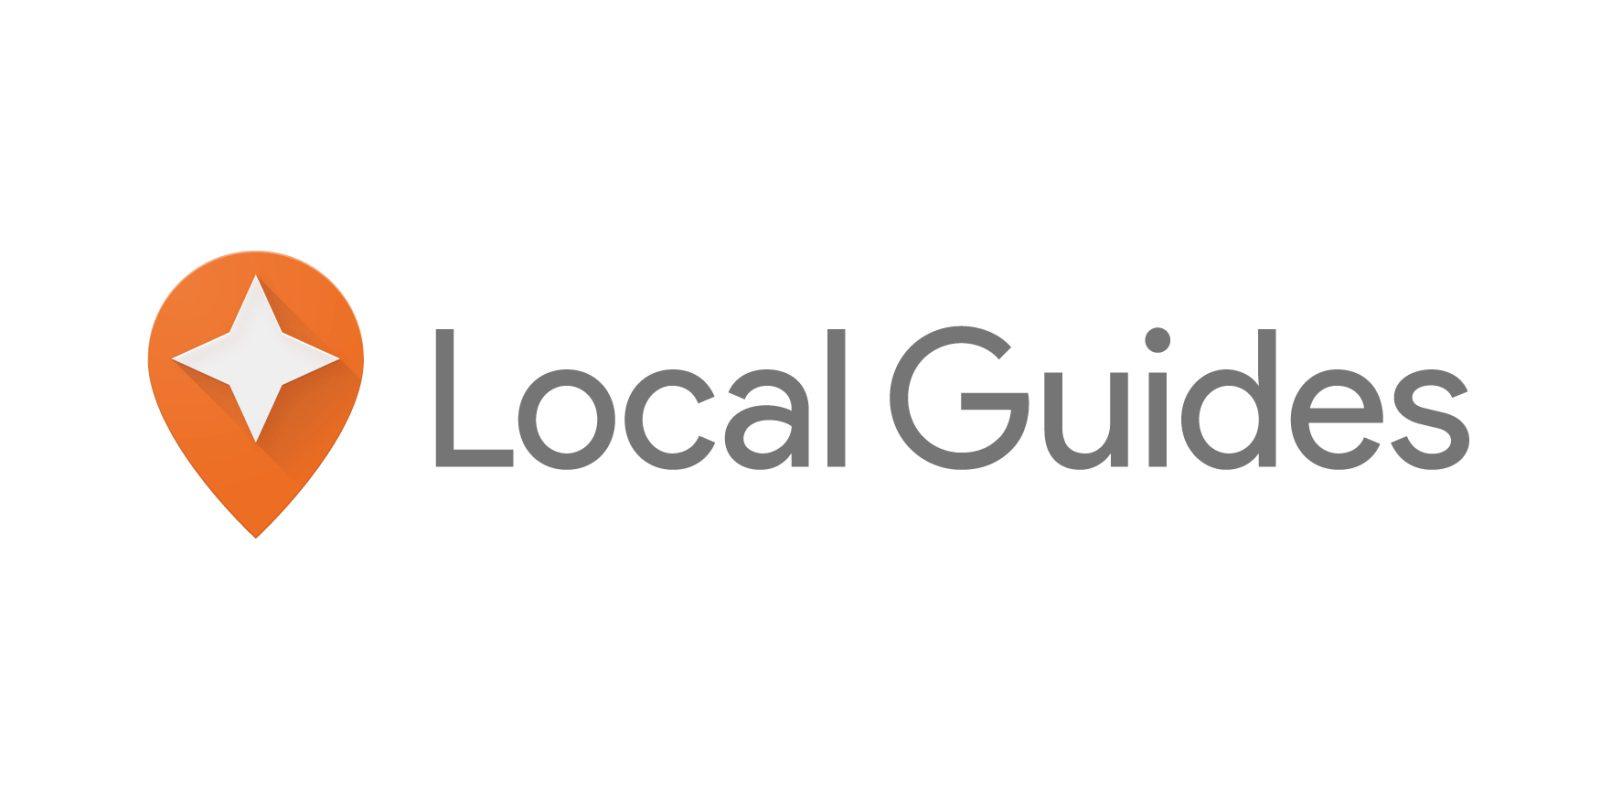 Google Mapy mají novinku pro Místní průvodce